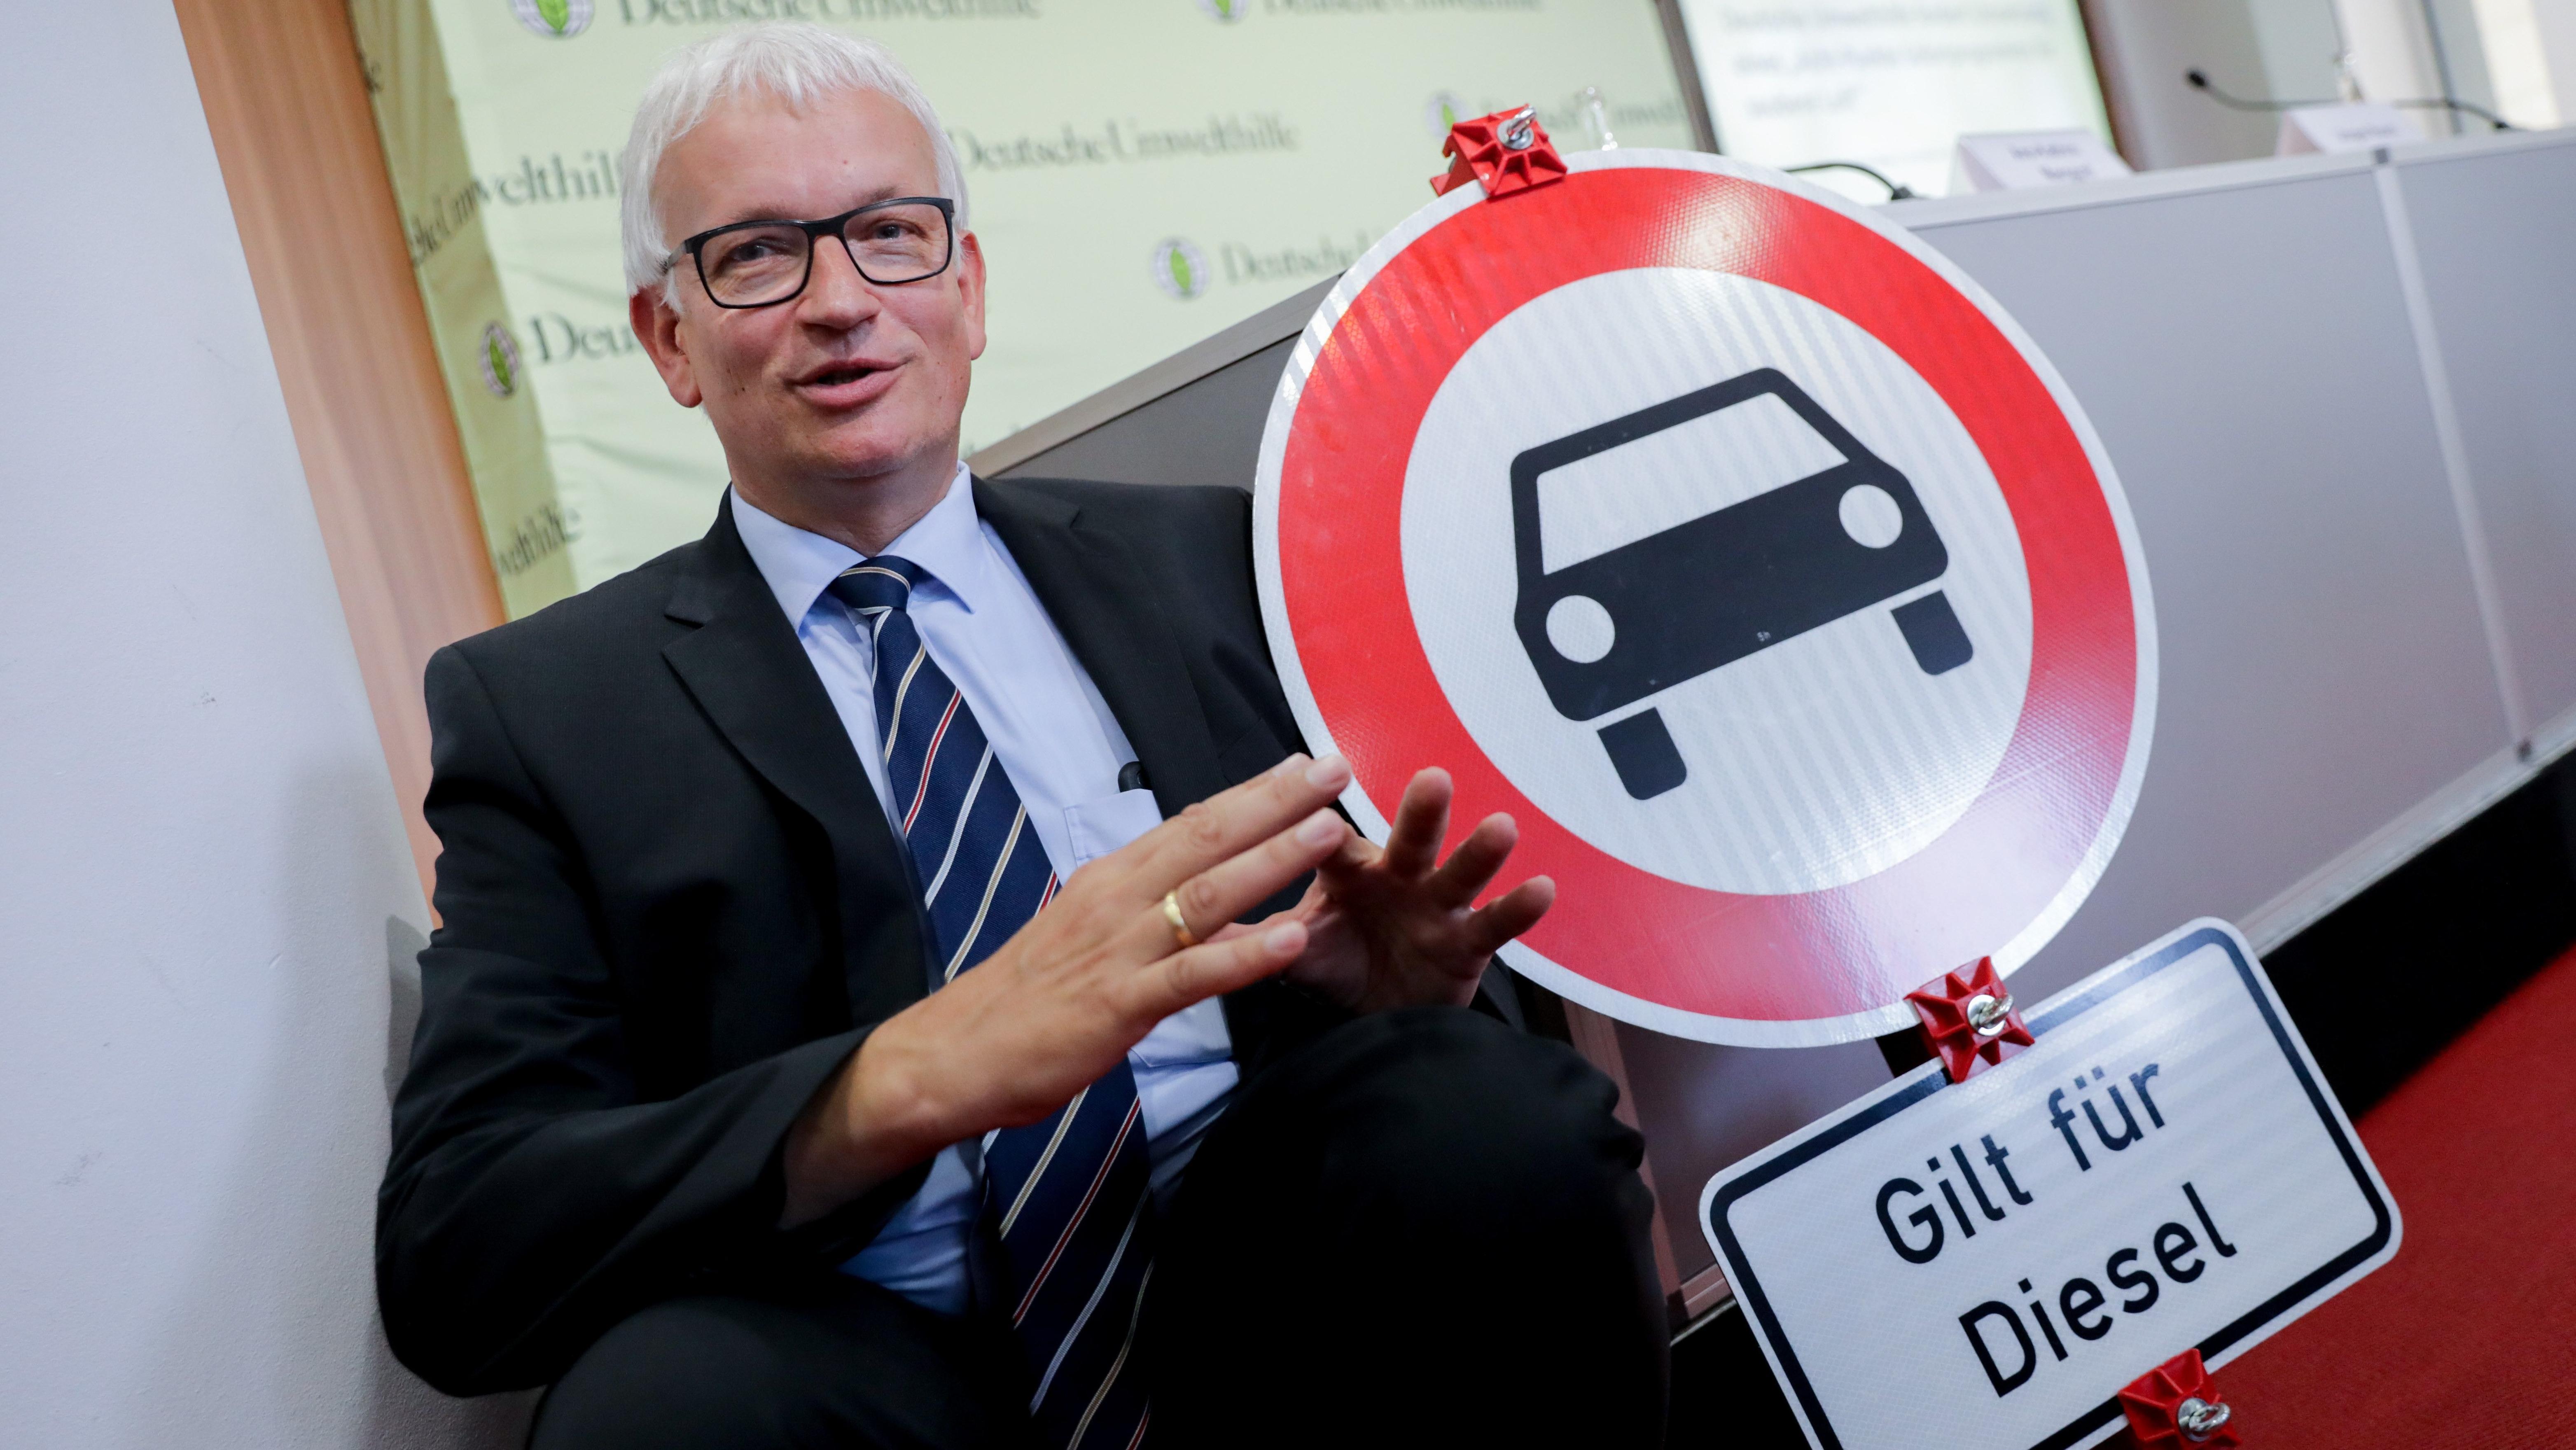 DUH-Geschäftsführer Jürgen Resch mit Diesel-Fahrverbotsschild